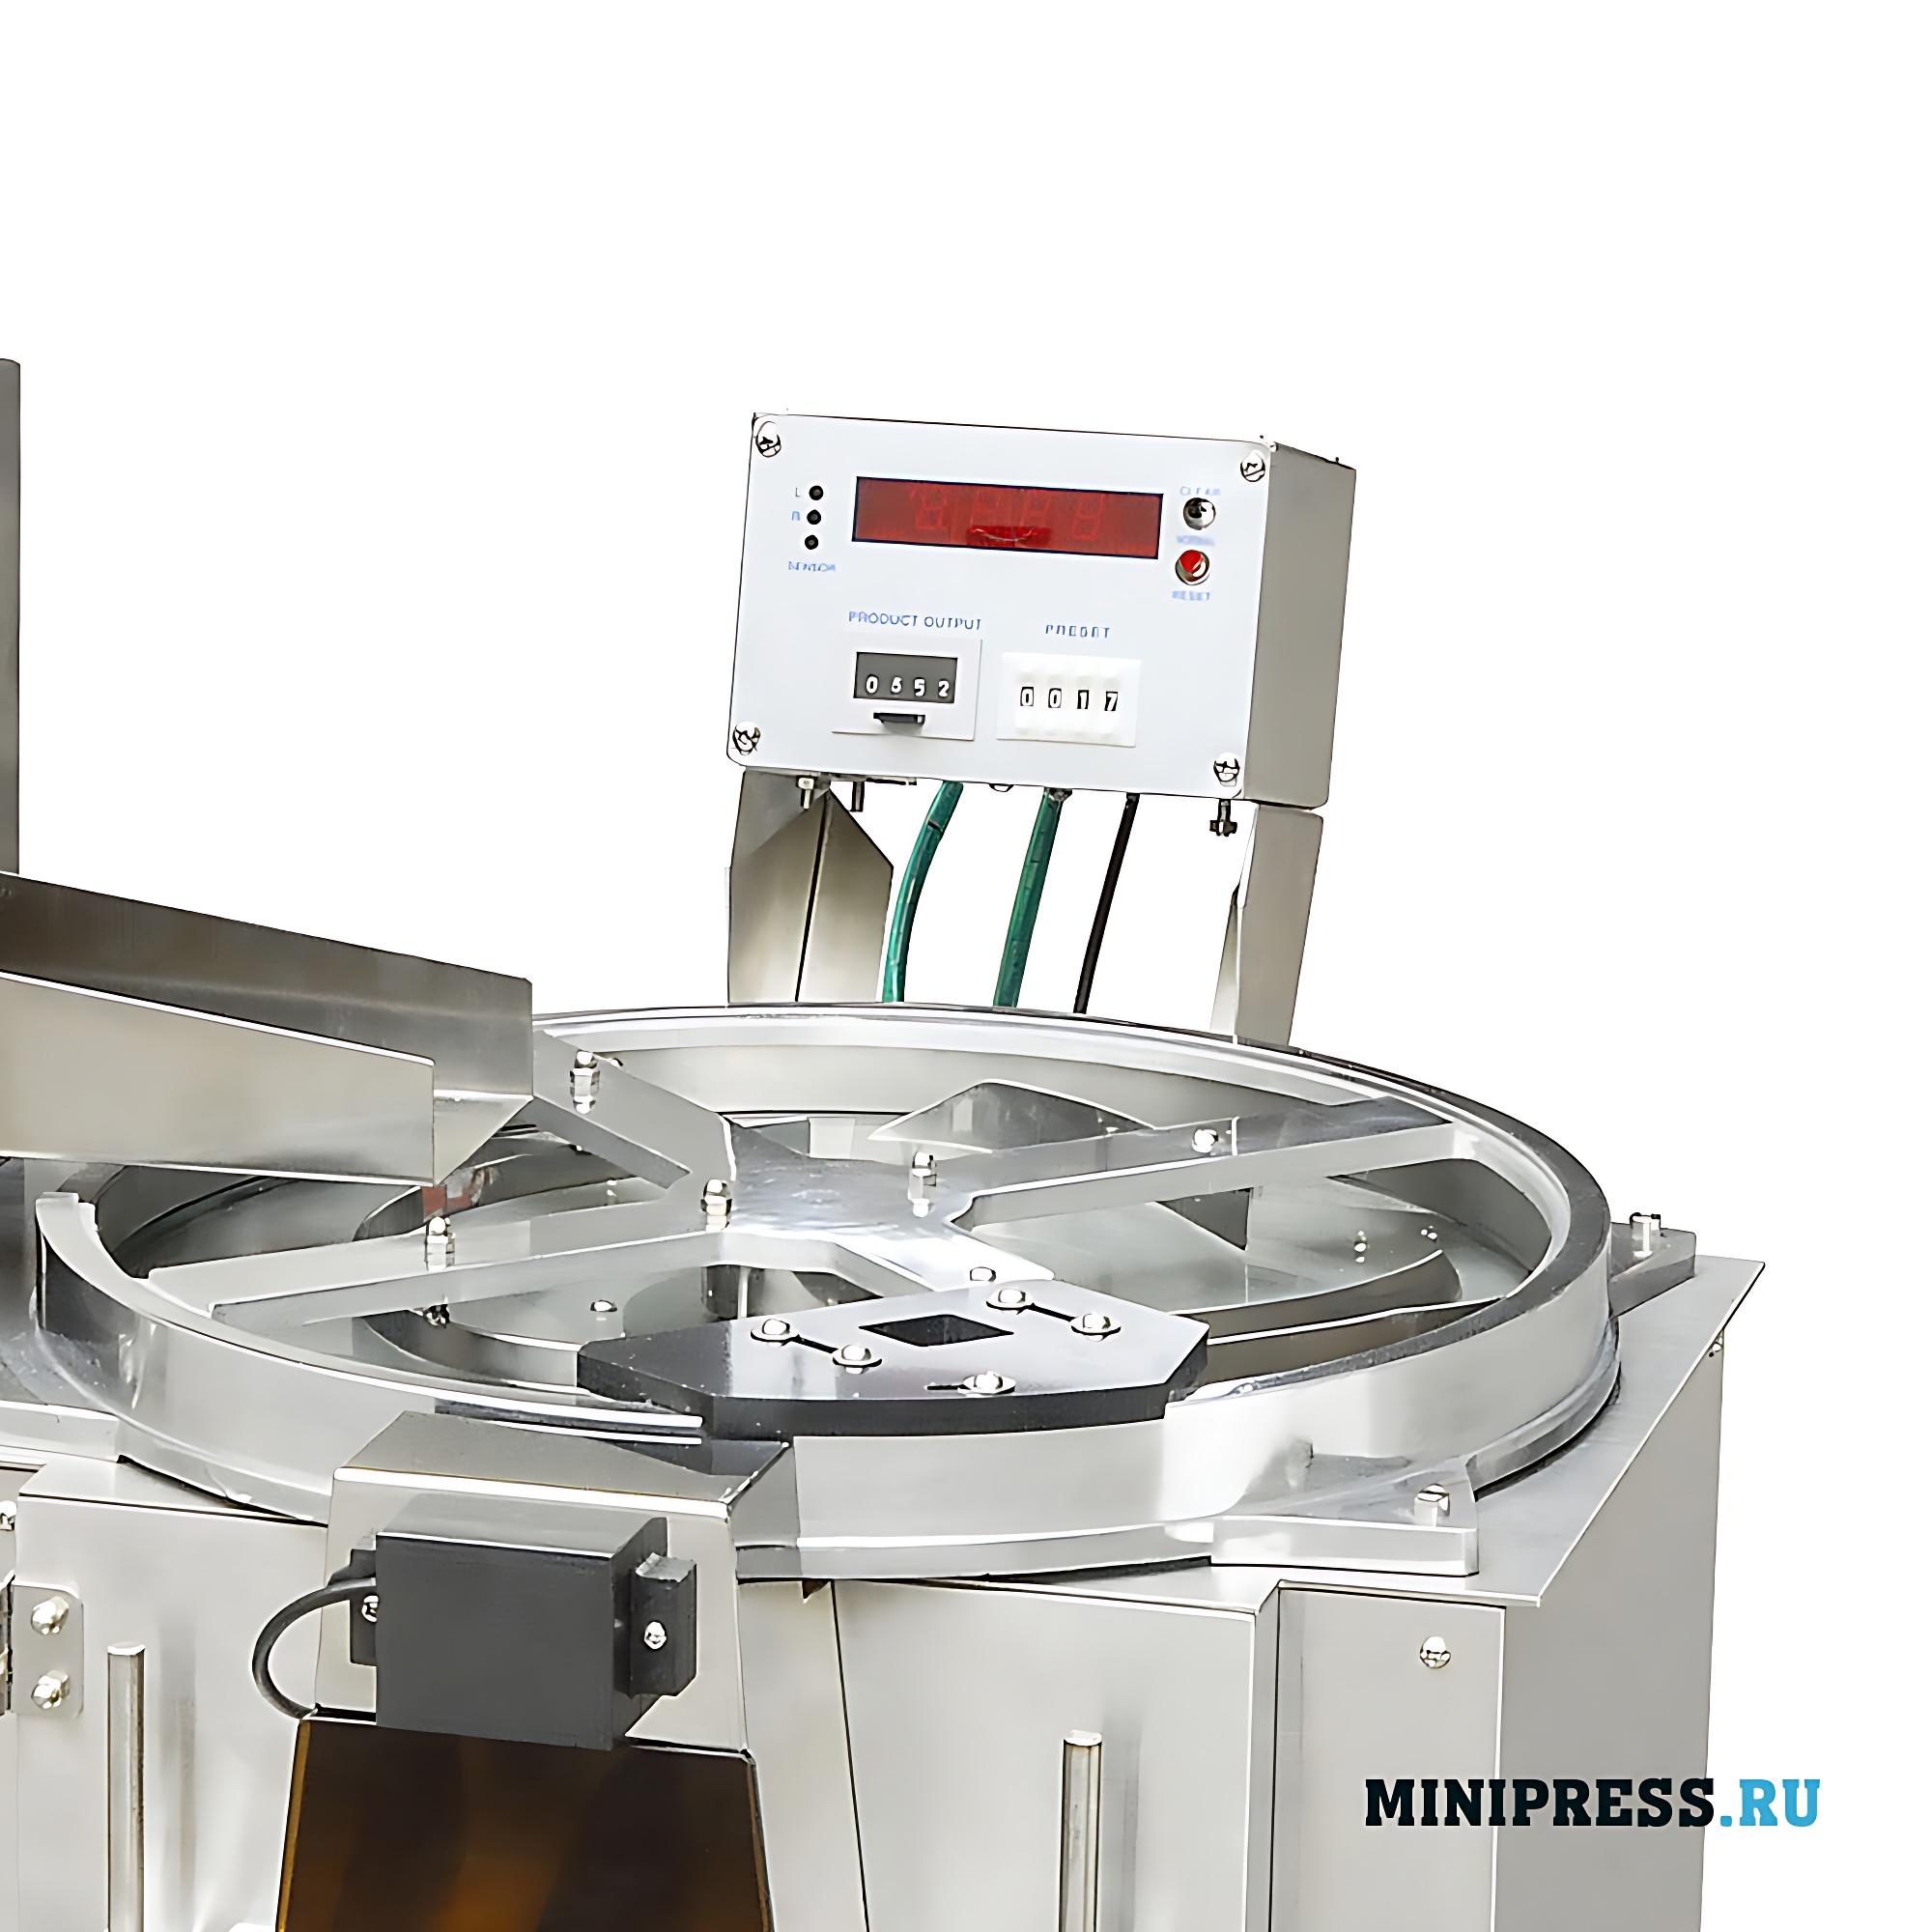 Фармацевтическое оборудование для счета и фасовки таблеток и капсул